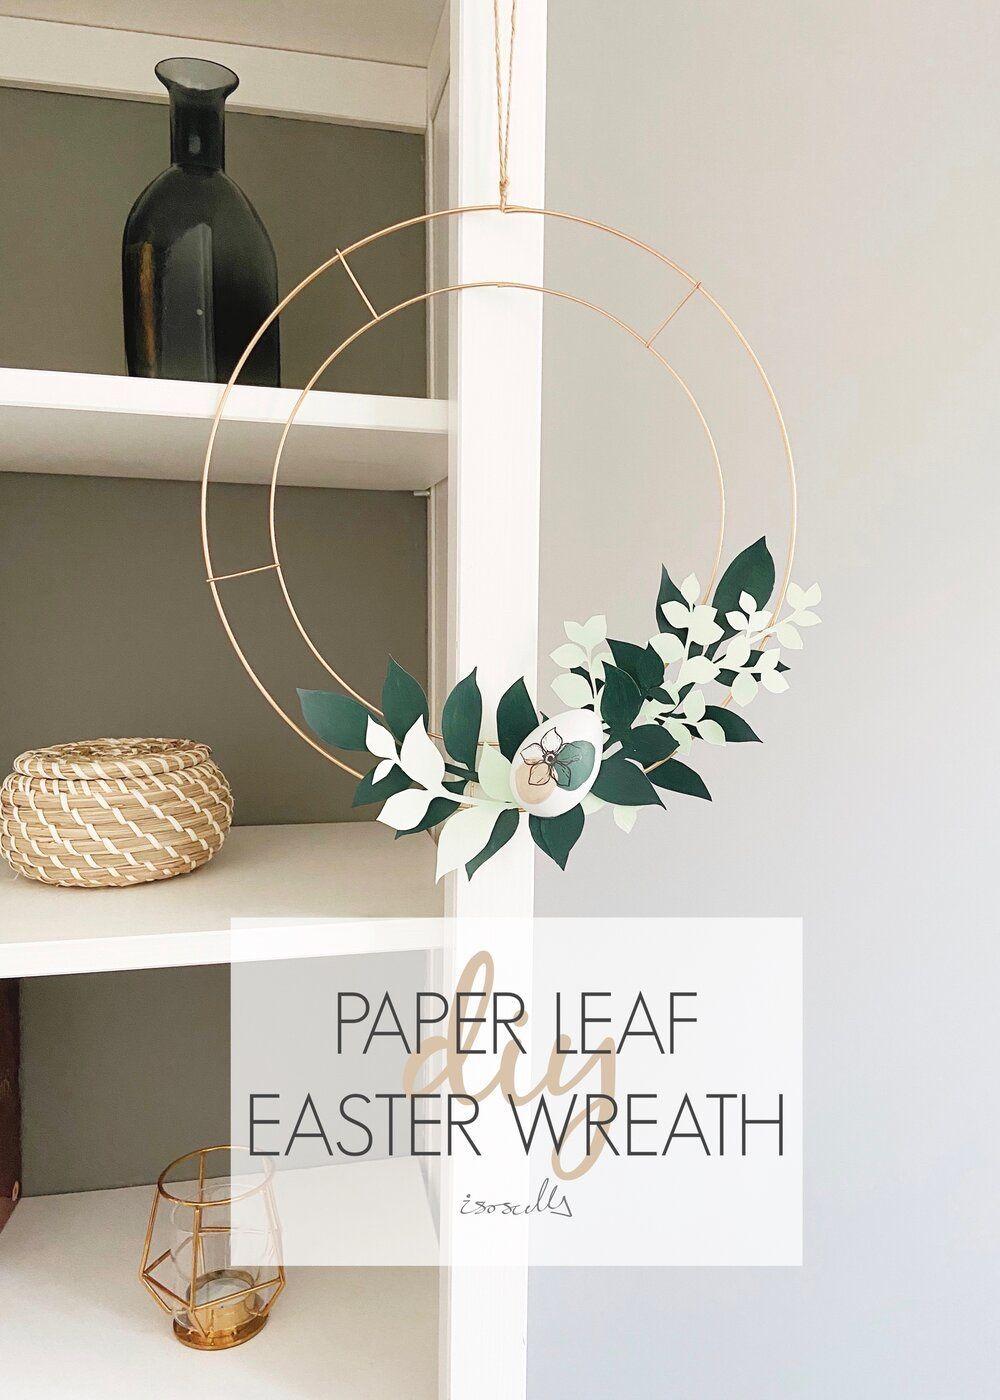 Diy paper leaf easter wreath easter wreaths wreaths